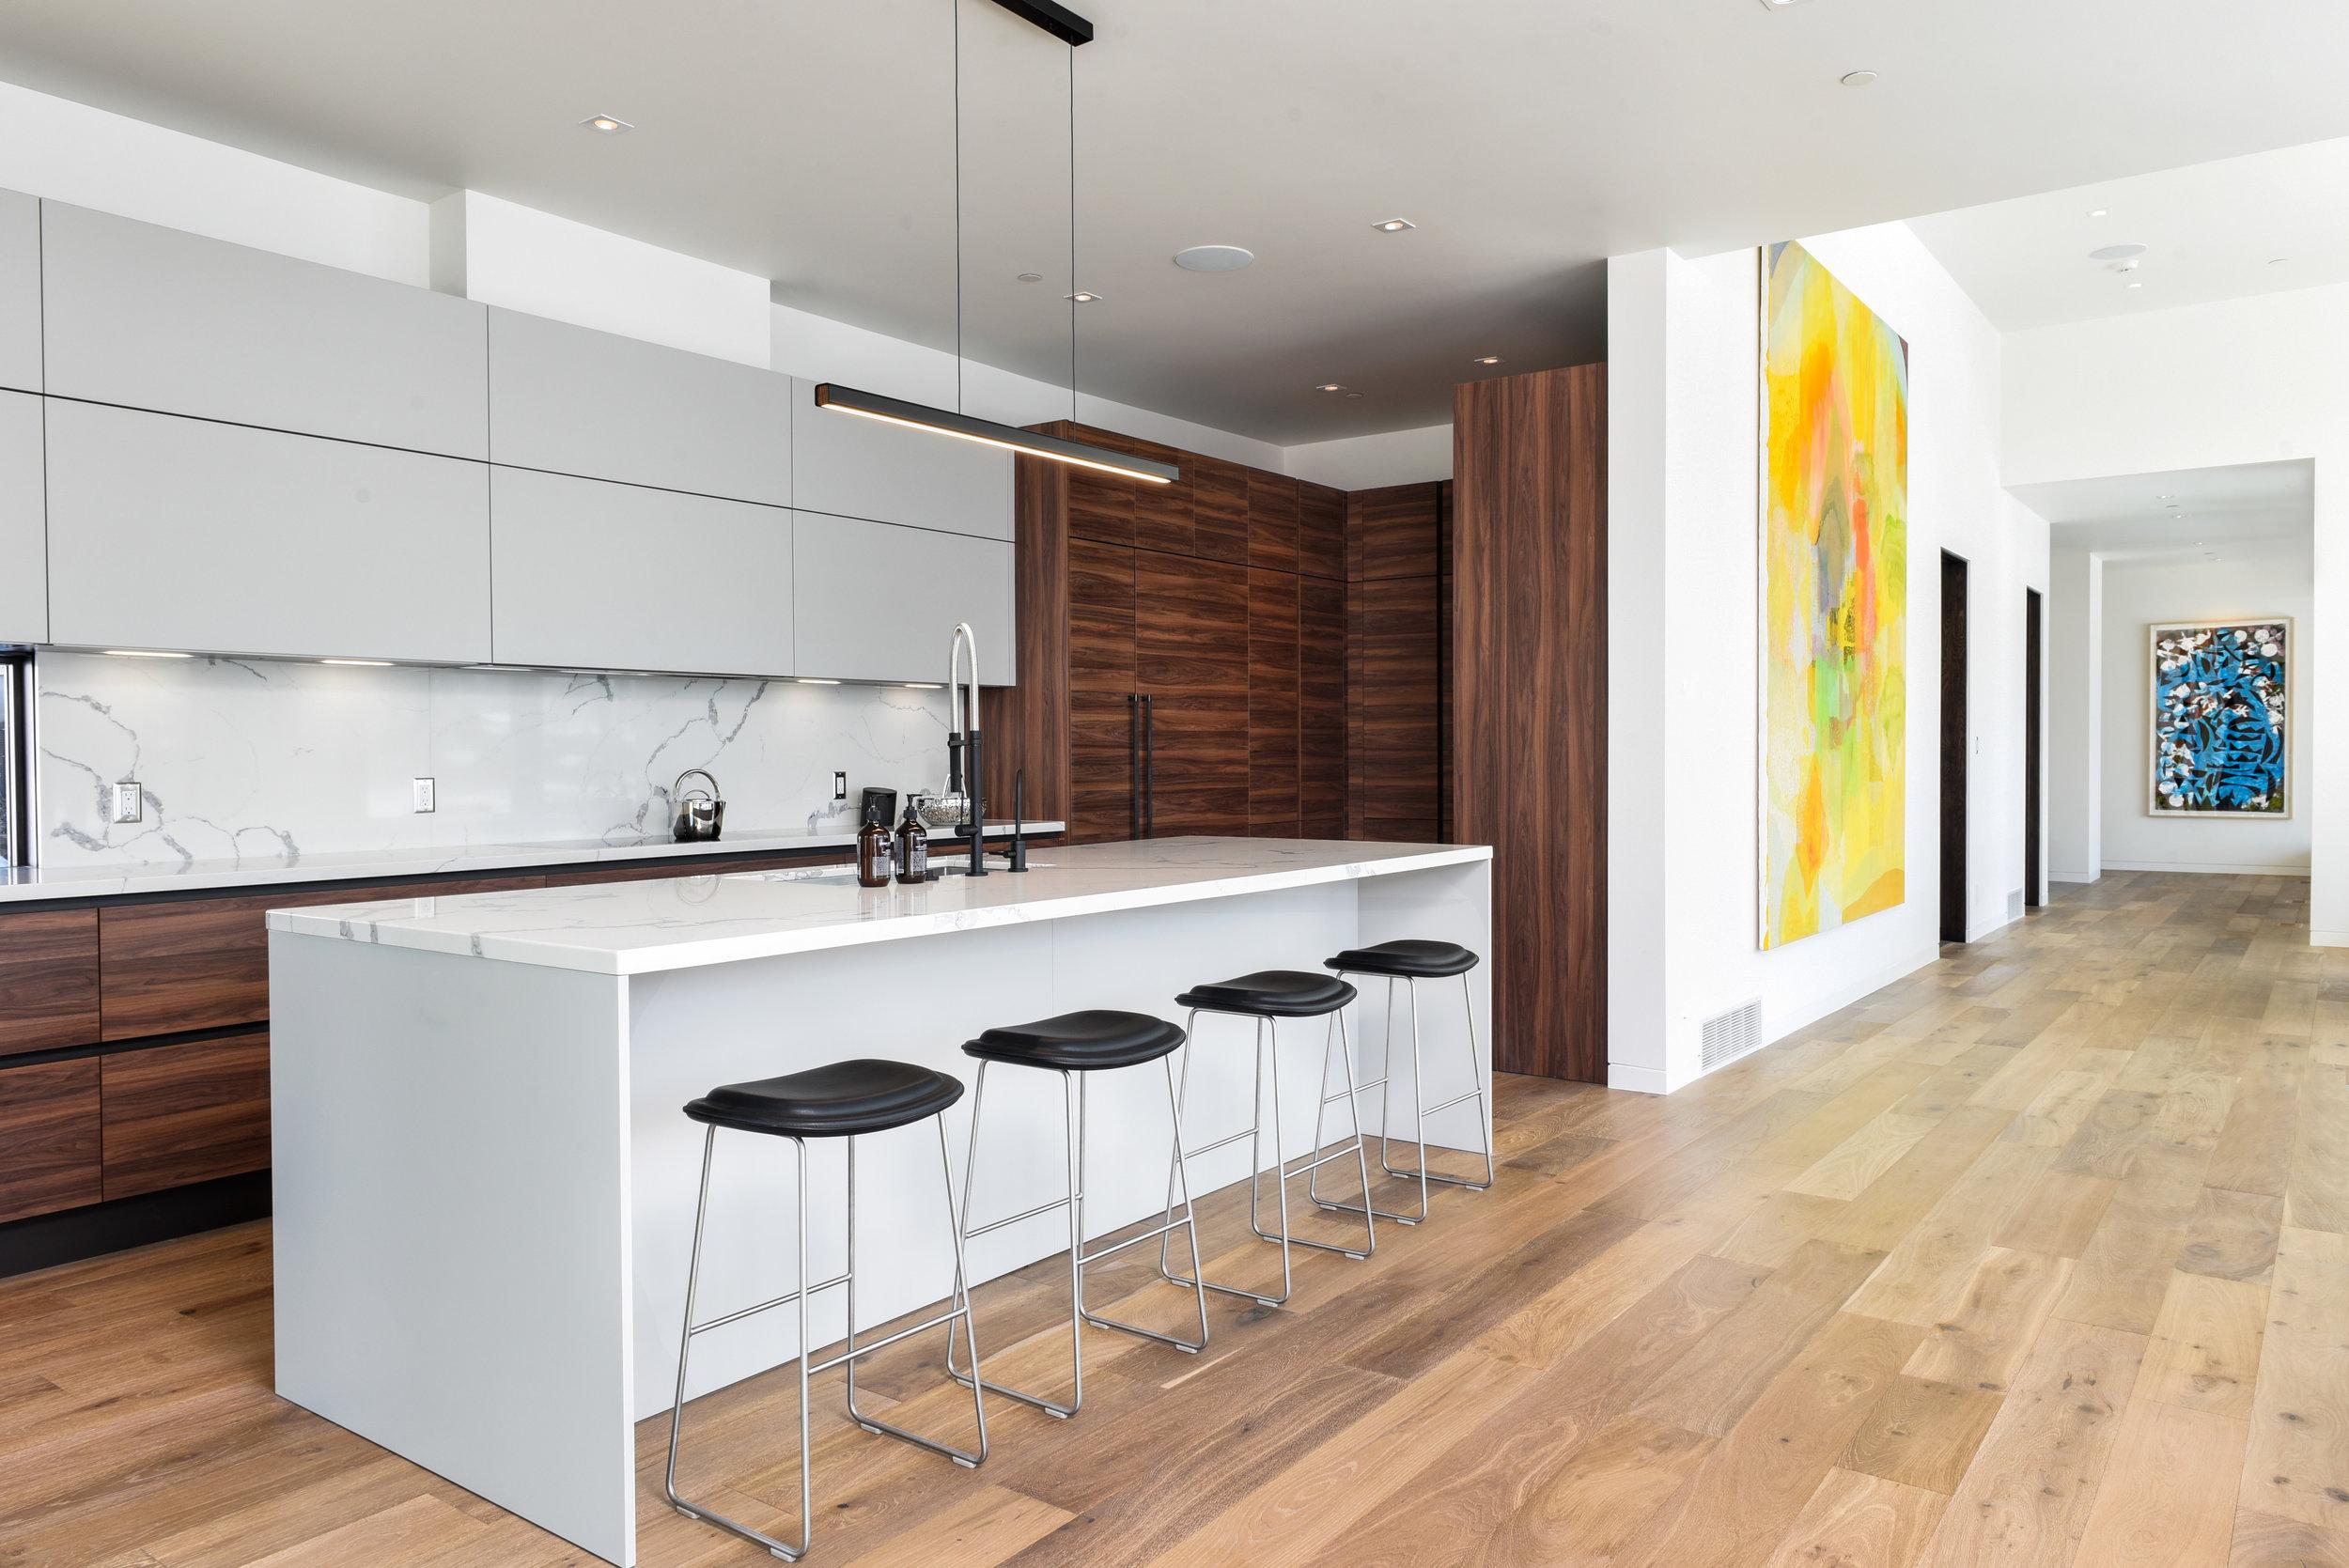 Kitchen_Hall_View_mm-2498.jpg